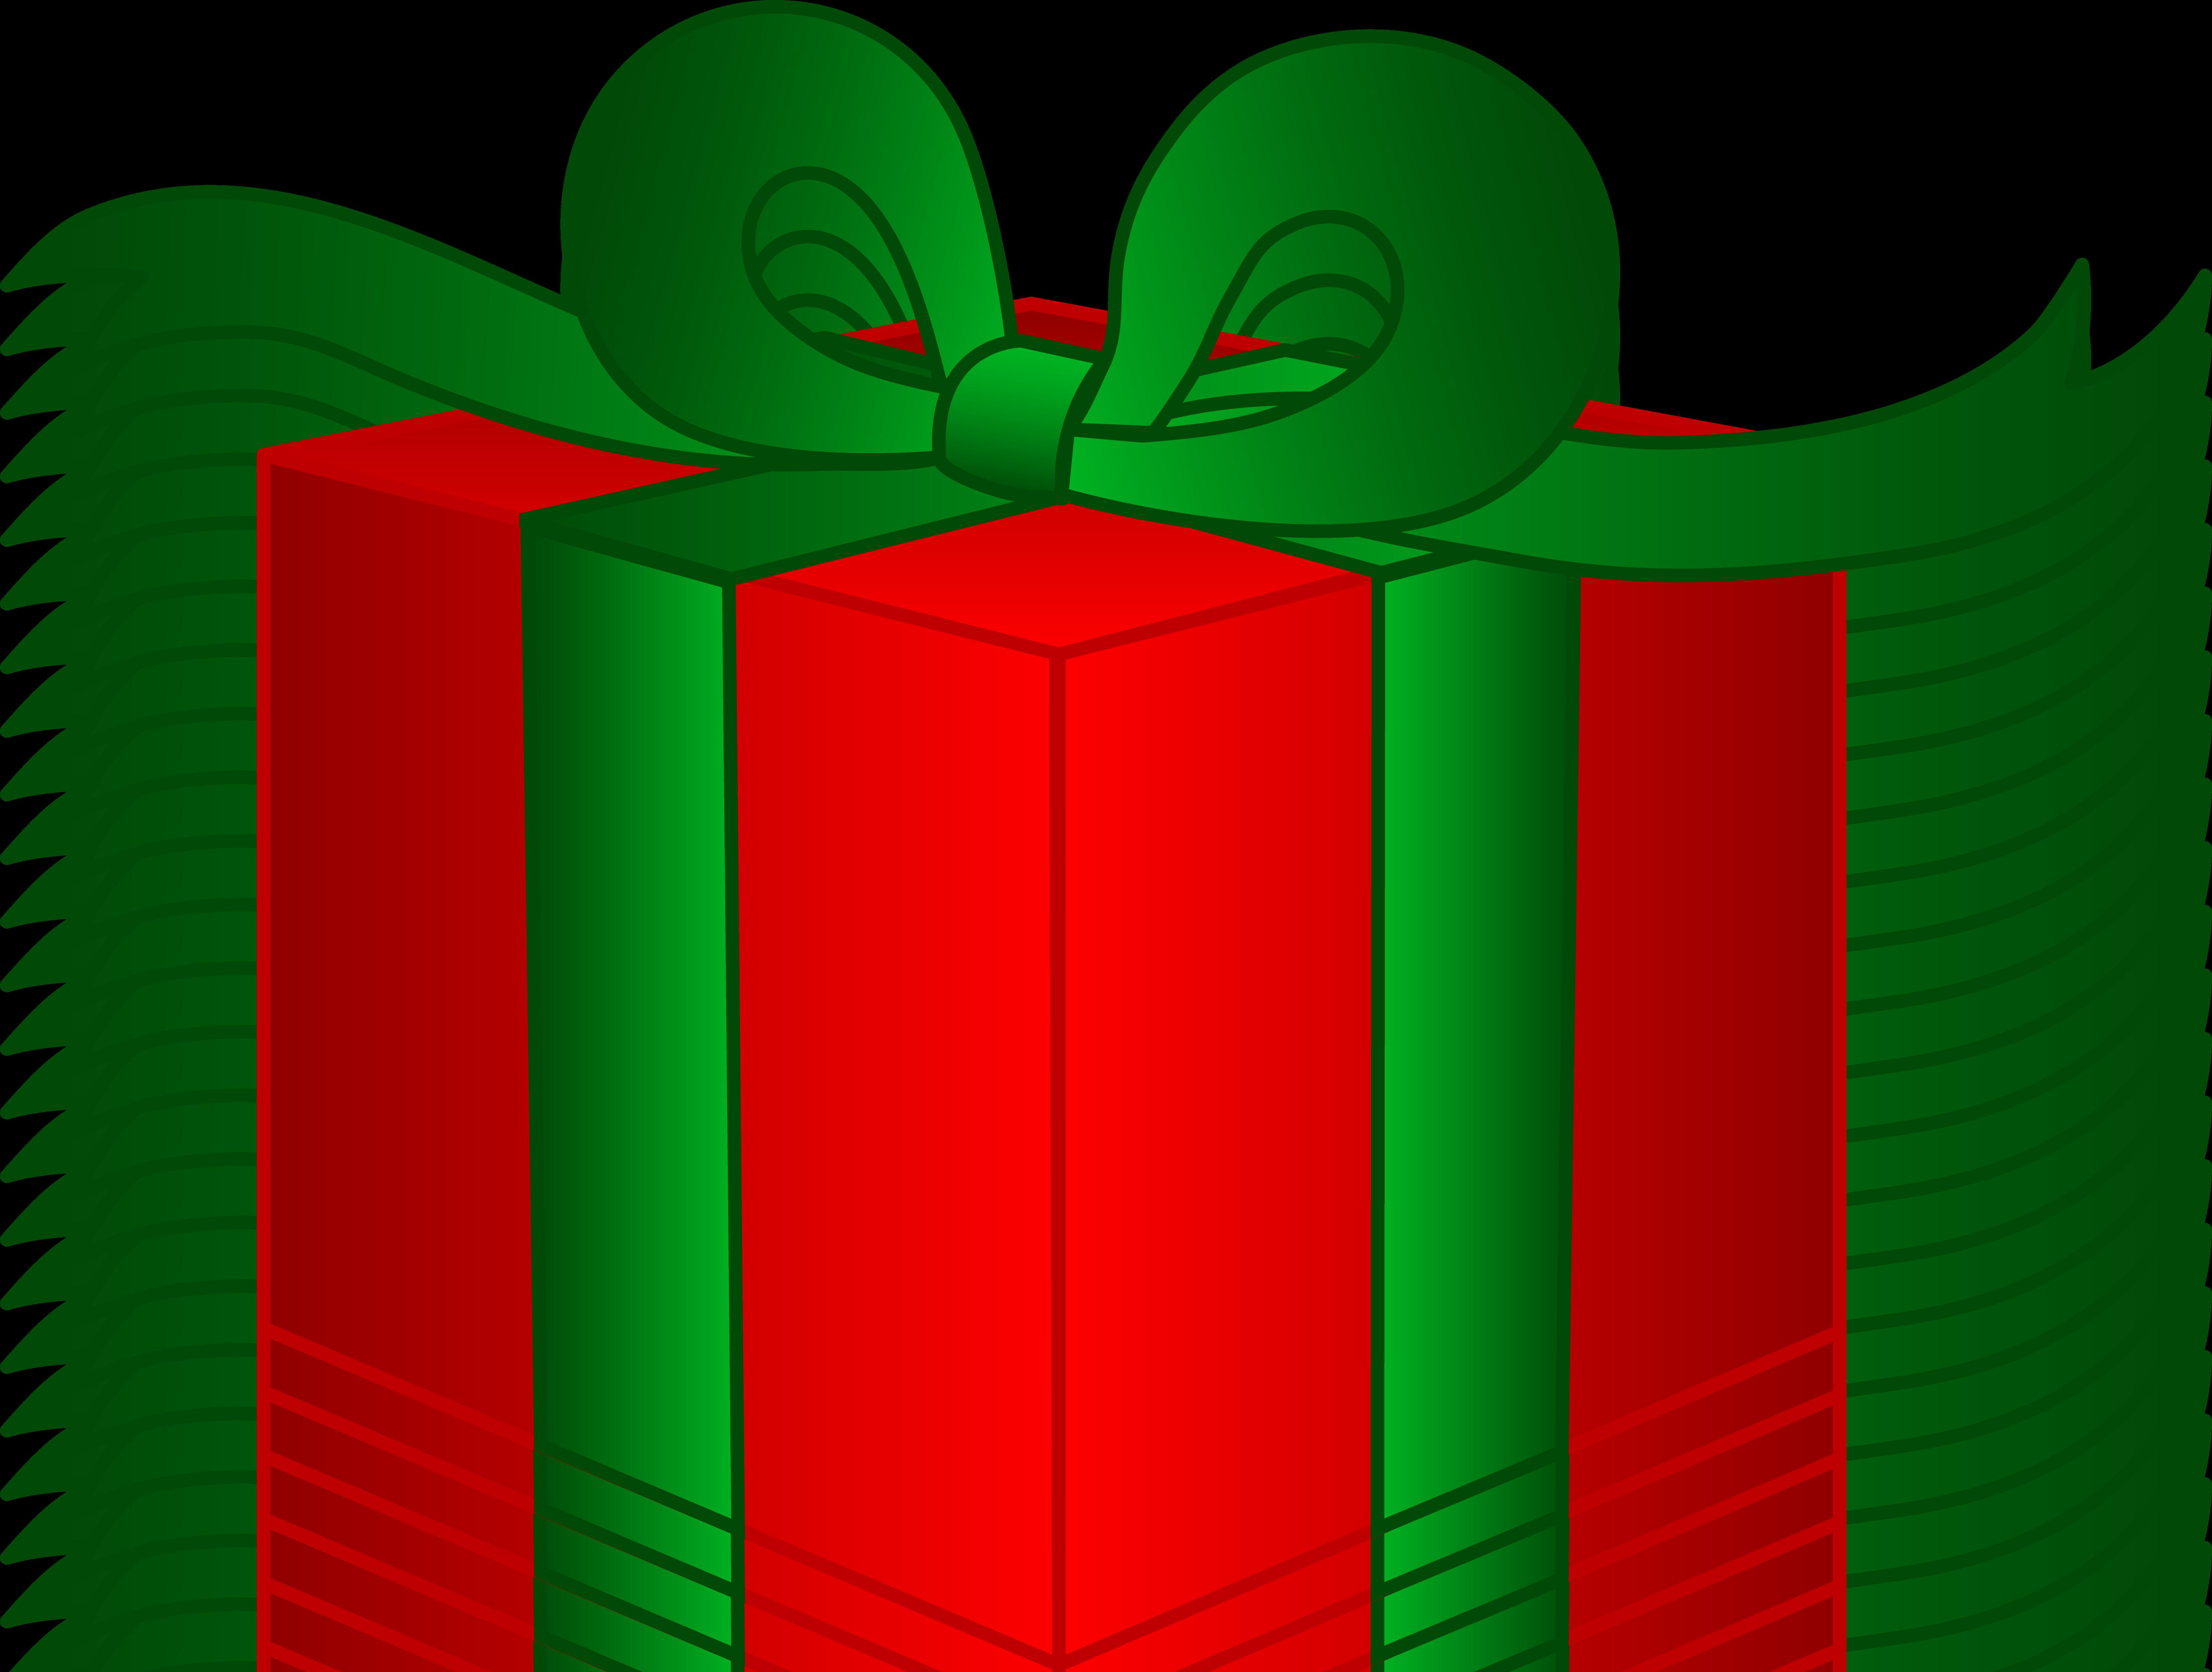 Fancy Christmas Present - Free Clip Art-Fancy Christmas Present - Free Clip Art-6